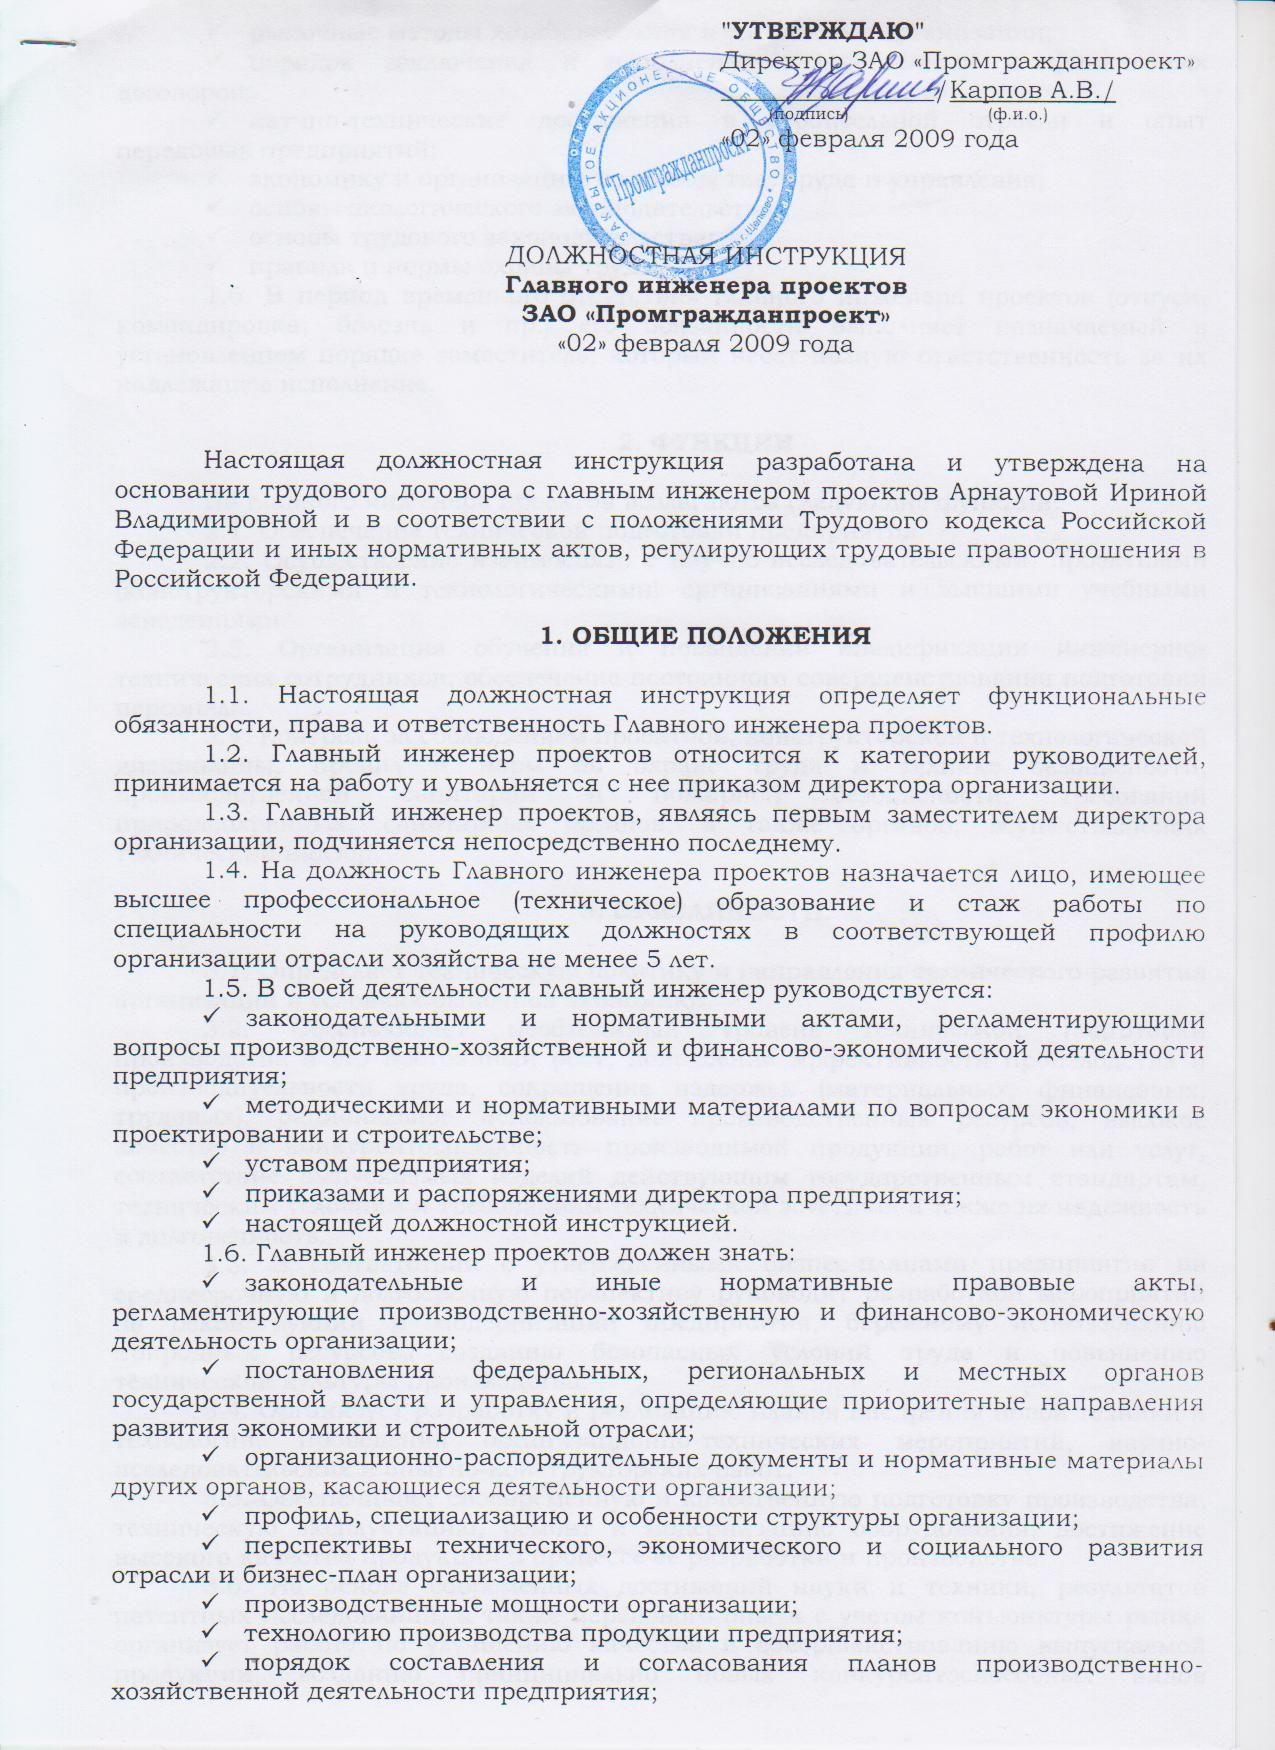 Должностная инструкция главного инженера строительства